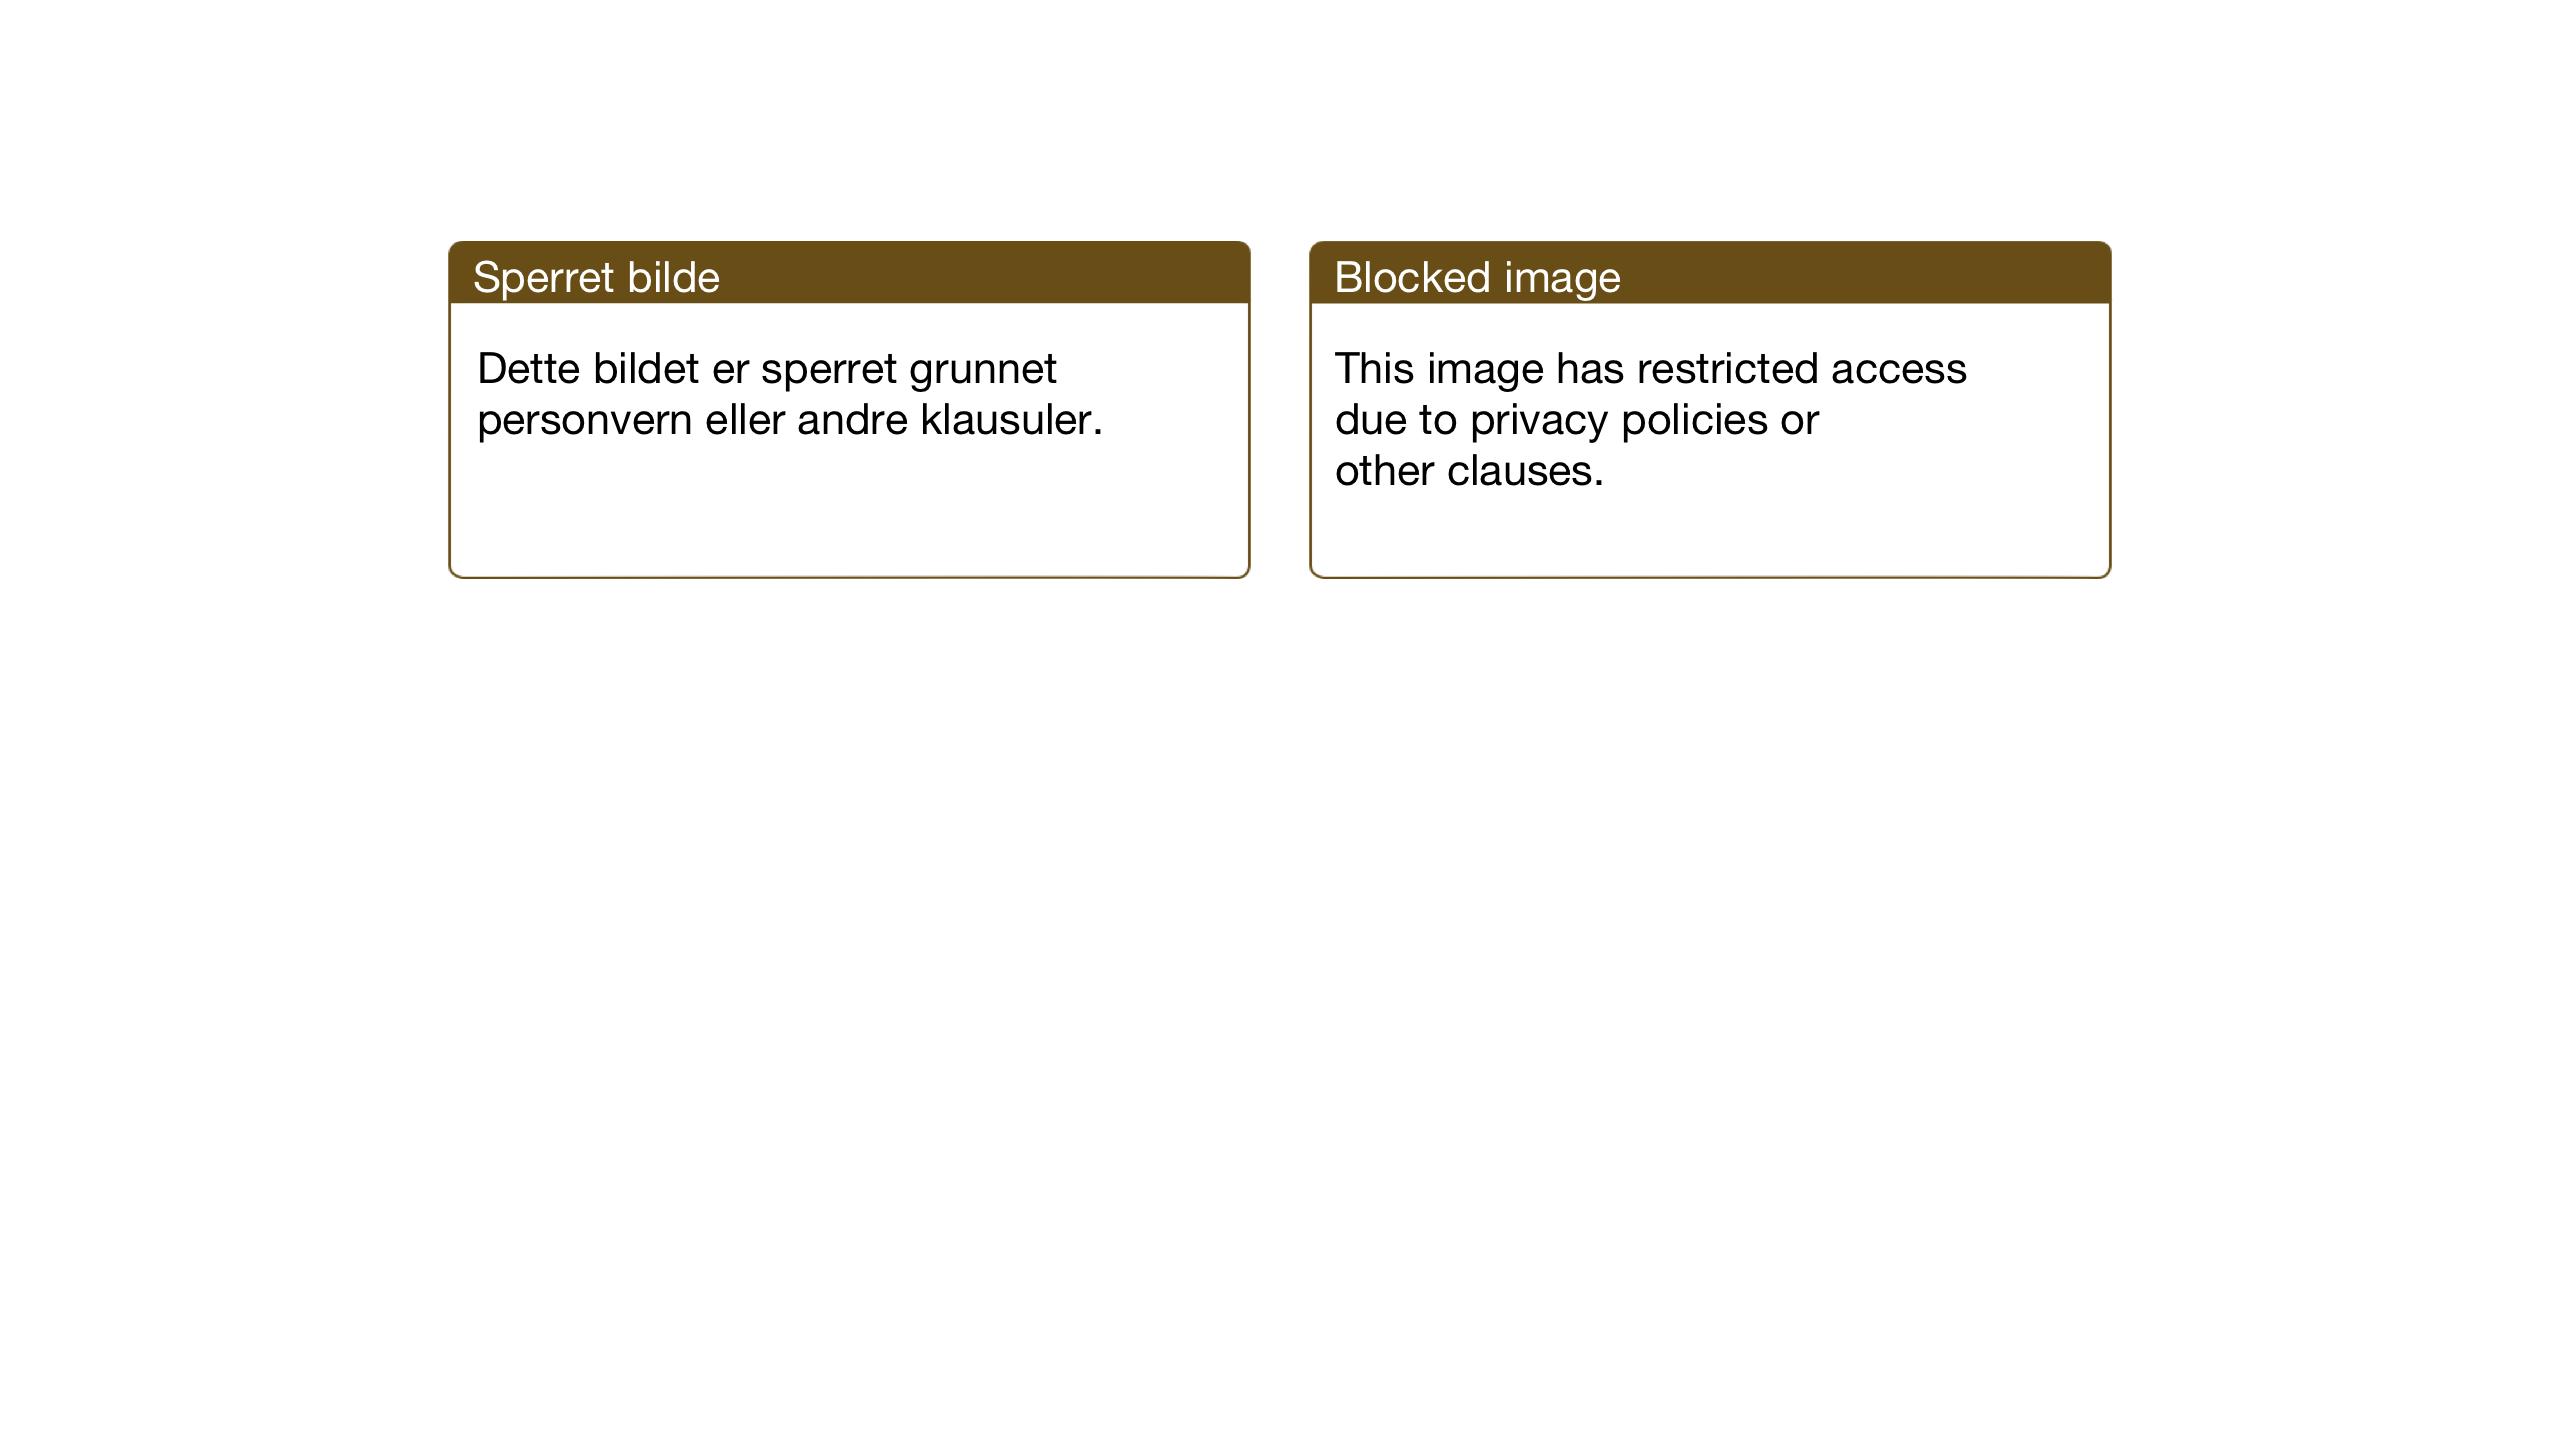 SAT, Ministerialprotokoller, klokkerbøker og fødselsregistre - Nord-Trøndelag, 721/L0209: Klokkerbok nr. 721C02, 1918-1940, s. 56